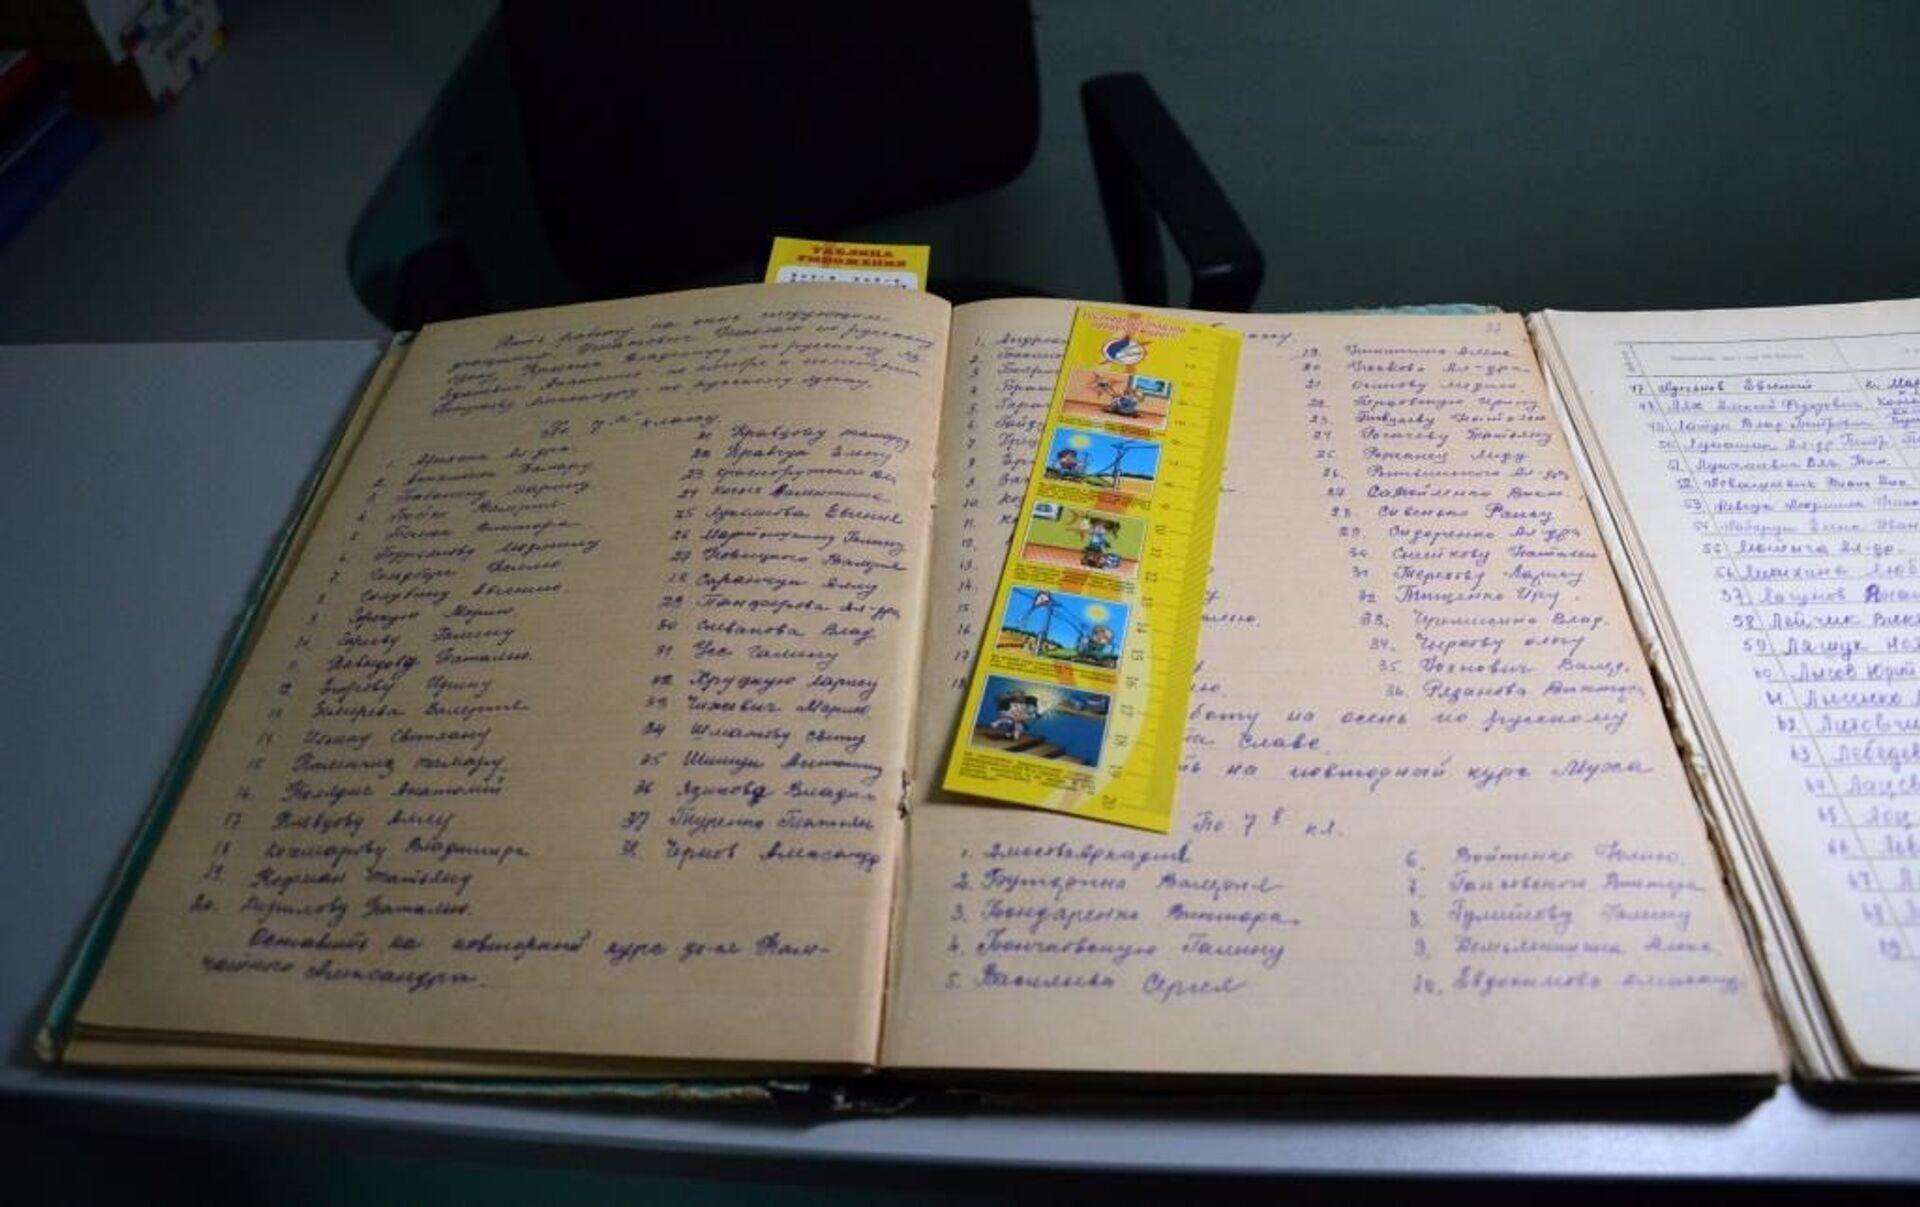 В гимназии нашли приказ о зачислении в школу - Sputnik Беларусь, 1920, 29.06.2021